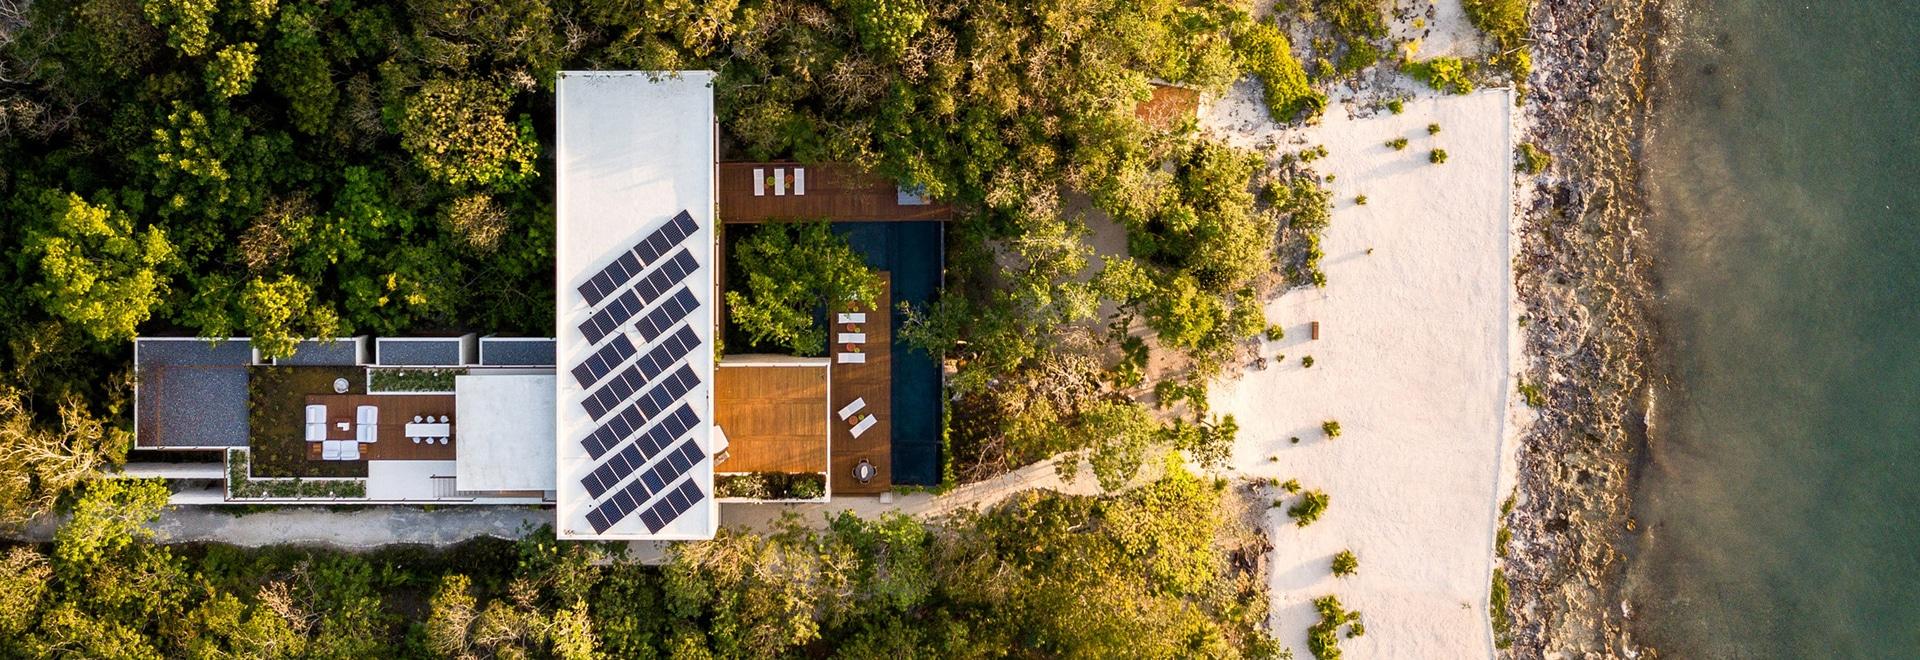 Sordo Madaleno organisiert strandnahe Casa Cozumel um Anlage-gefüllten Hof